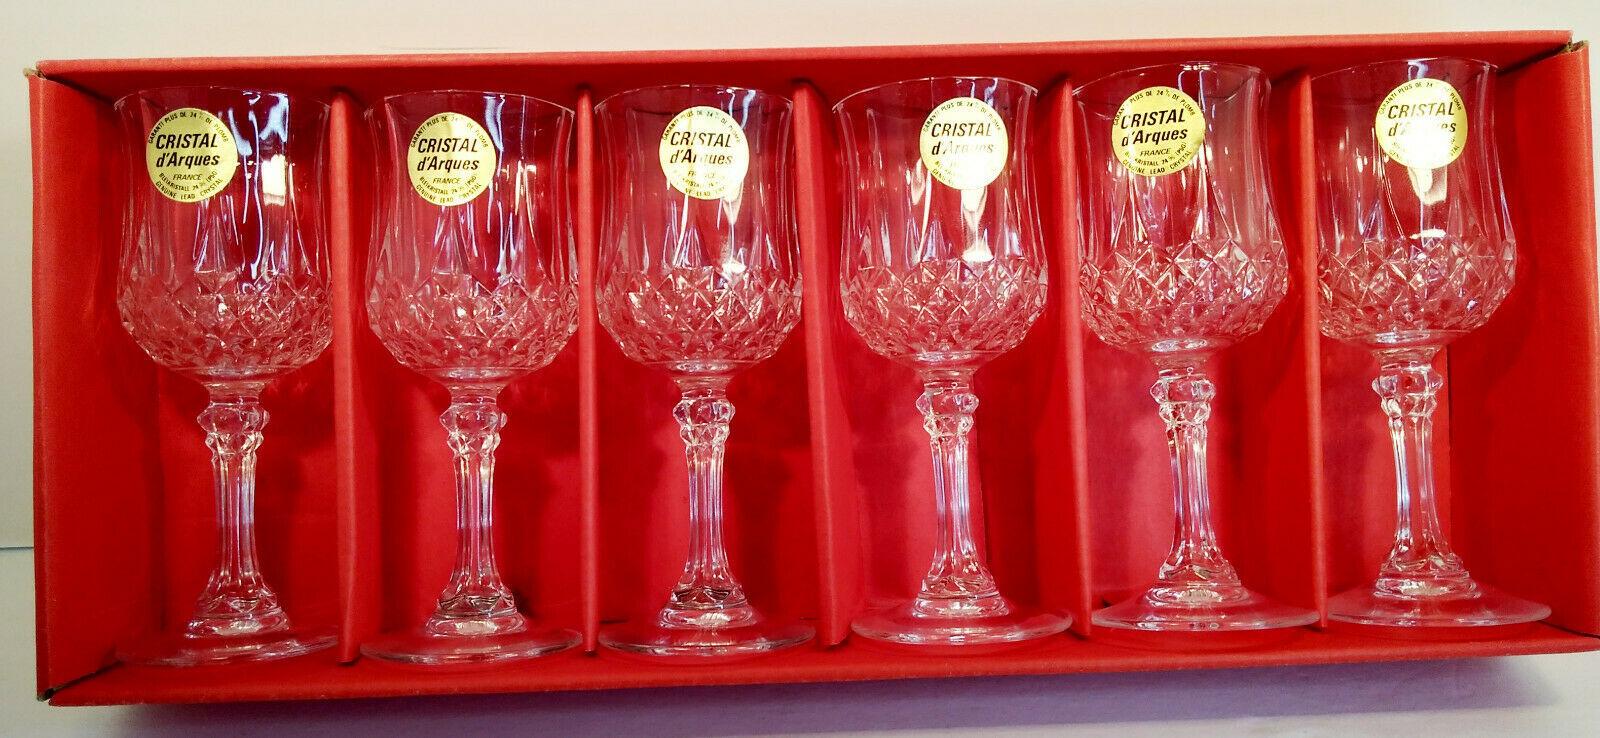 6 Longchamp 6cl 24% Lead Crystal Stemglasses Cristal d'Arques - $37.36